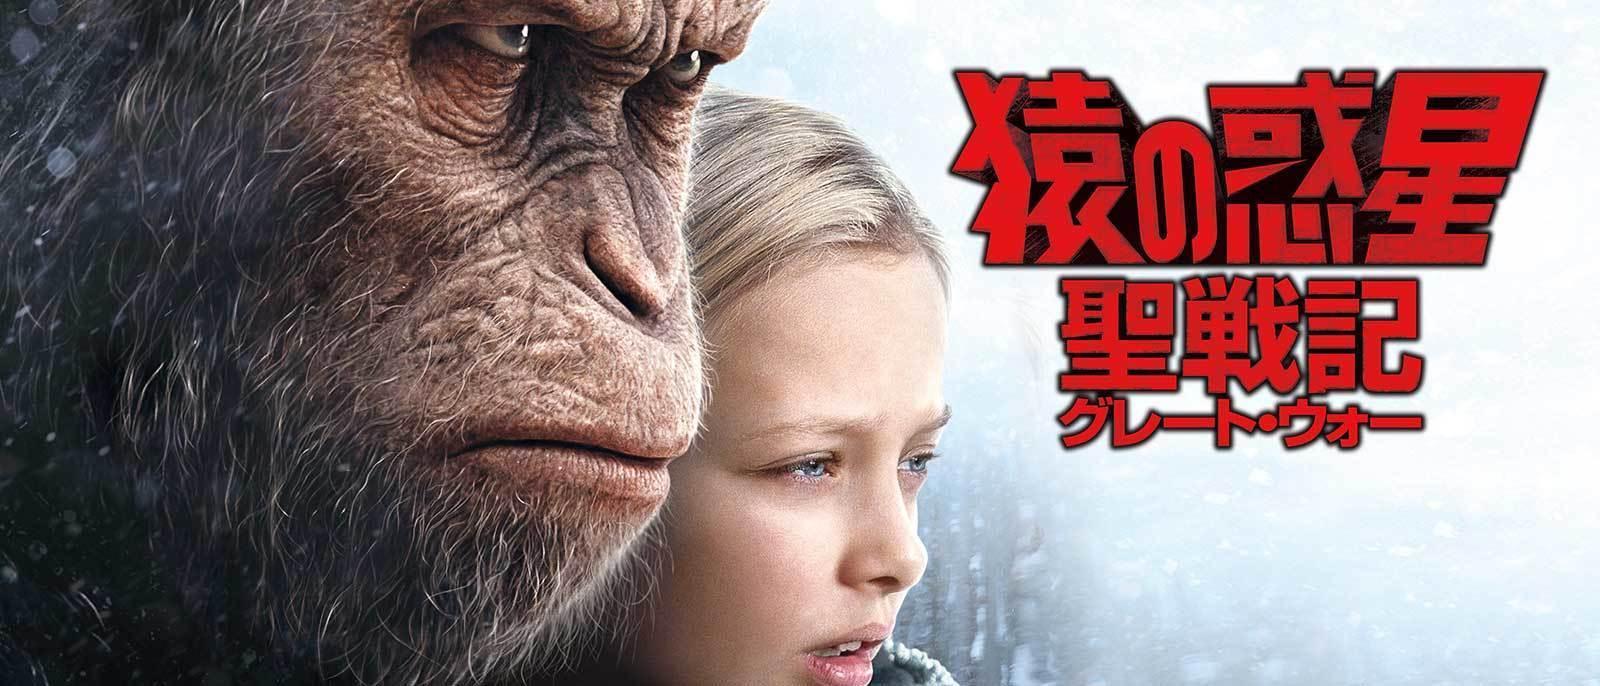 猿の惑星:聖戦記(グレート・ウォー)  War for the planet of the apes Hero Object